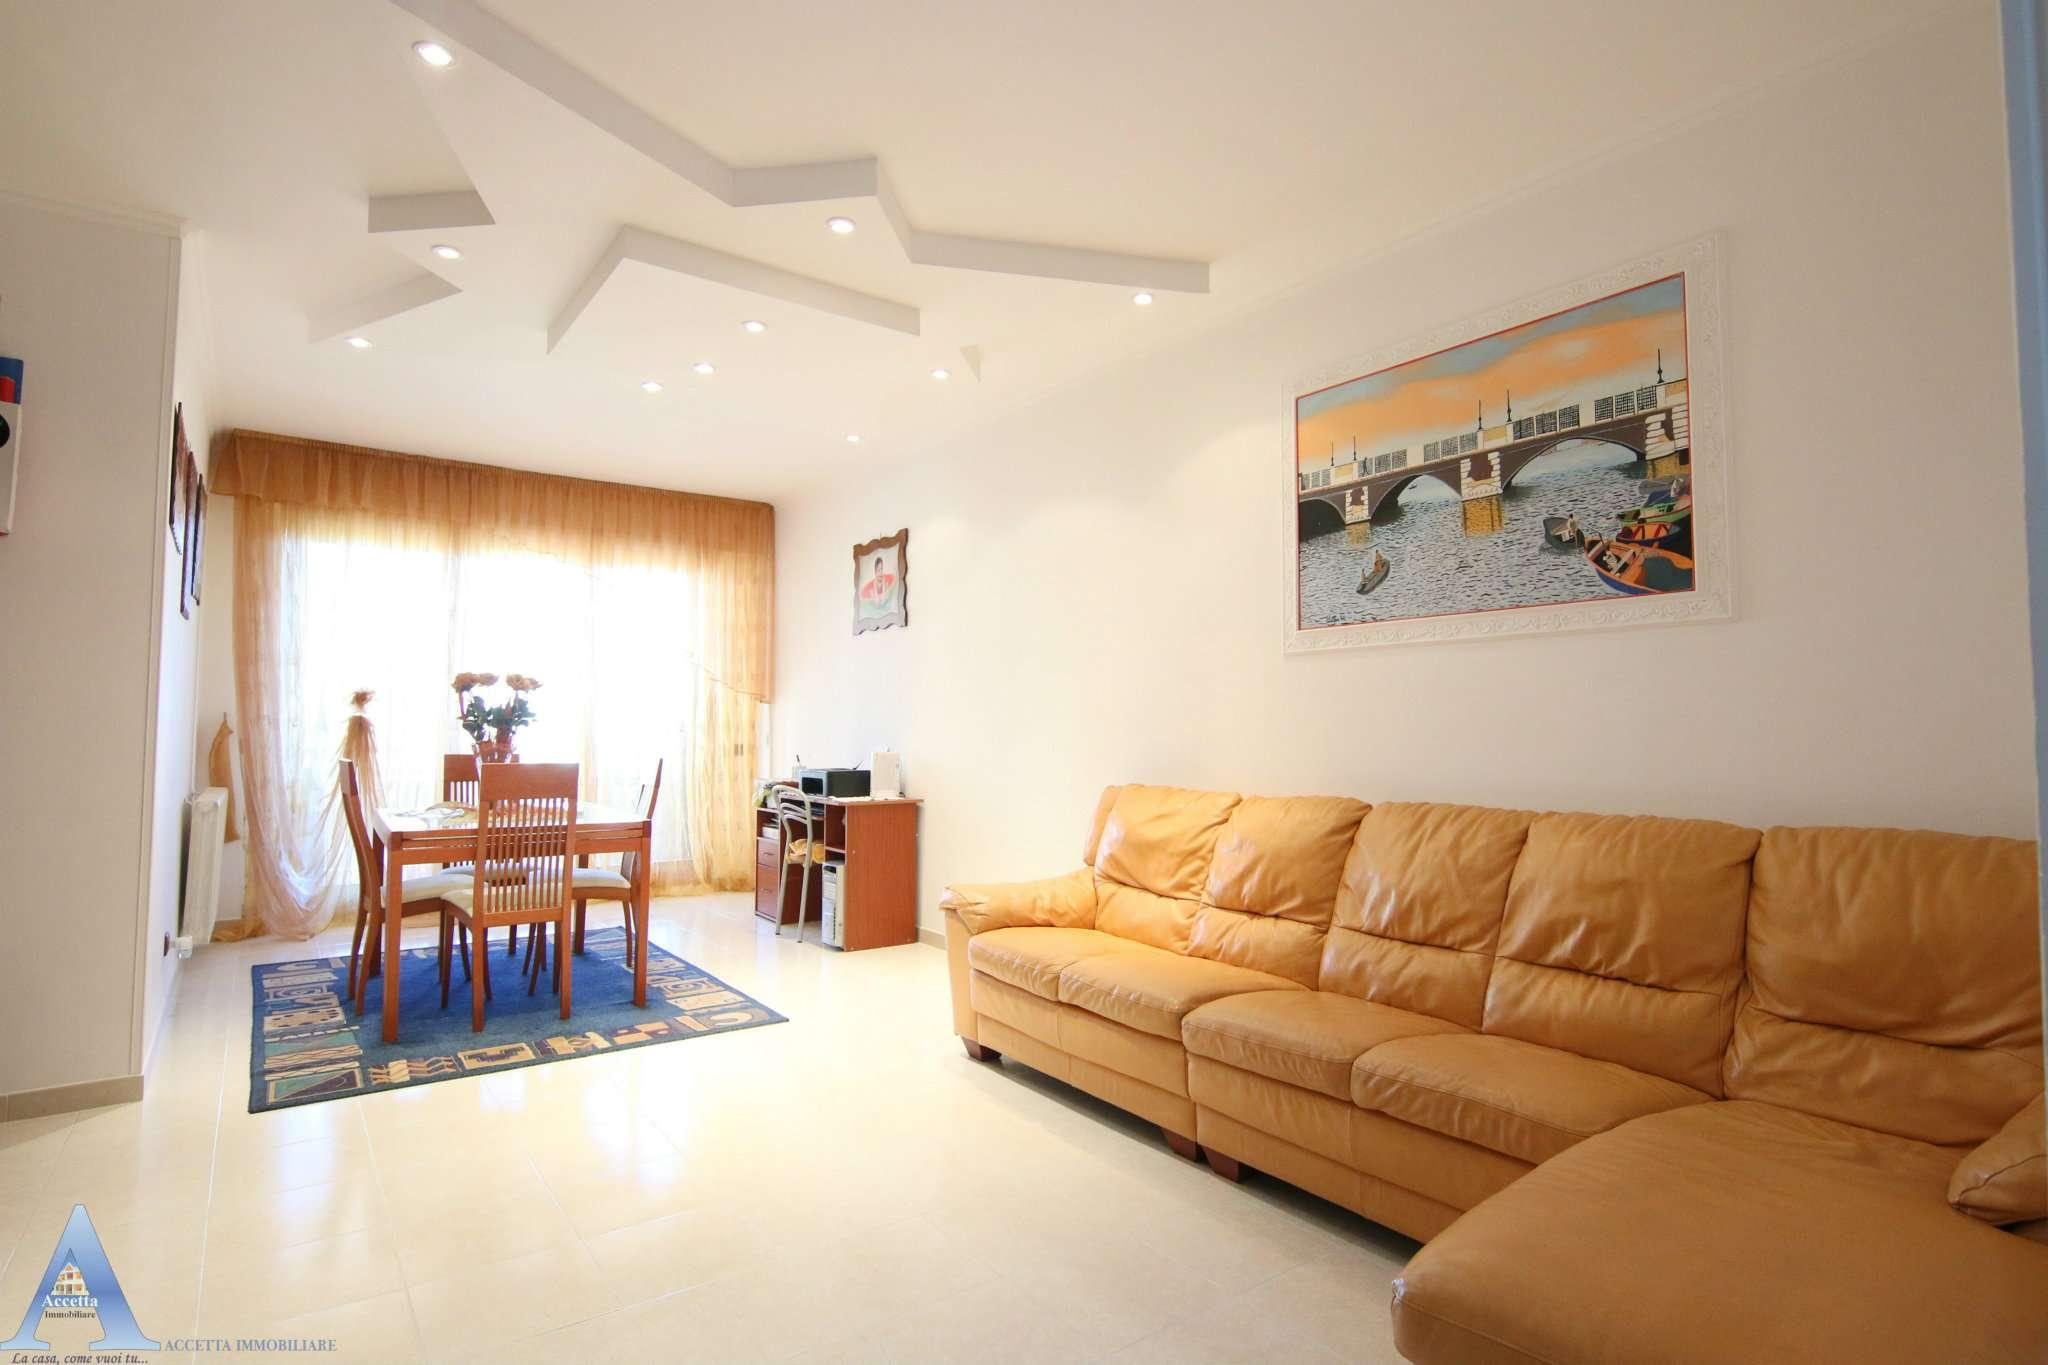 Appartamento in vendita a Taranto, 3 locali, prezzo € 119.000 | CambioCasa.it